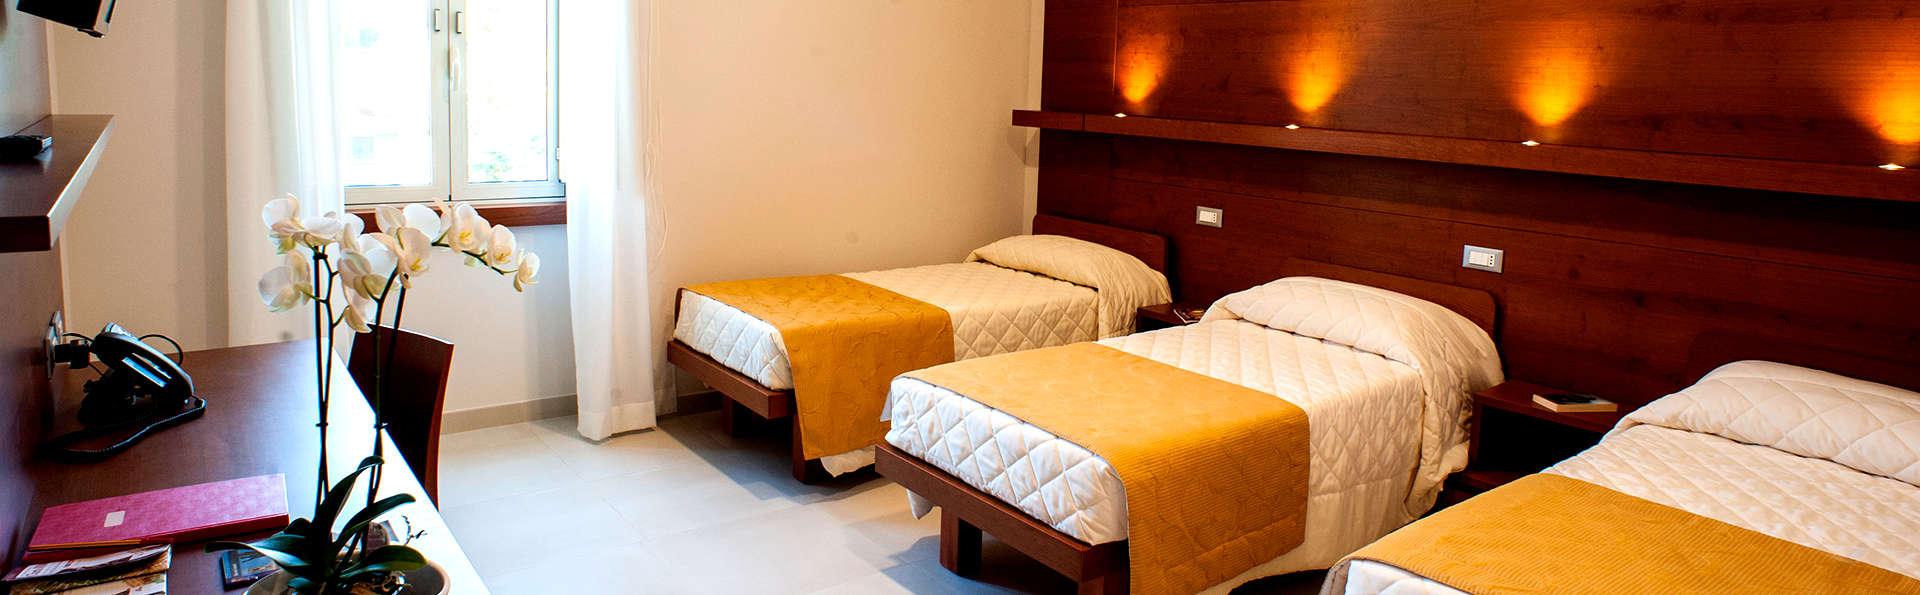 Hôtel à Rome en chambre quadruple avec parking privé inclus